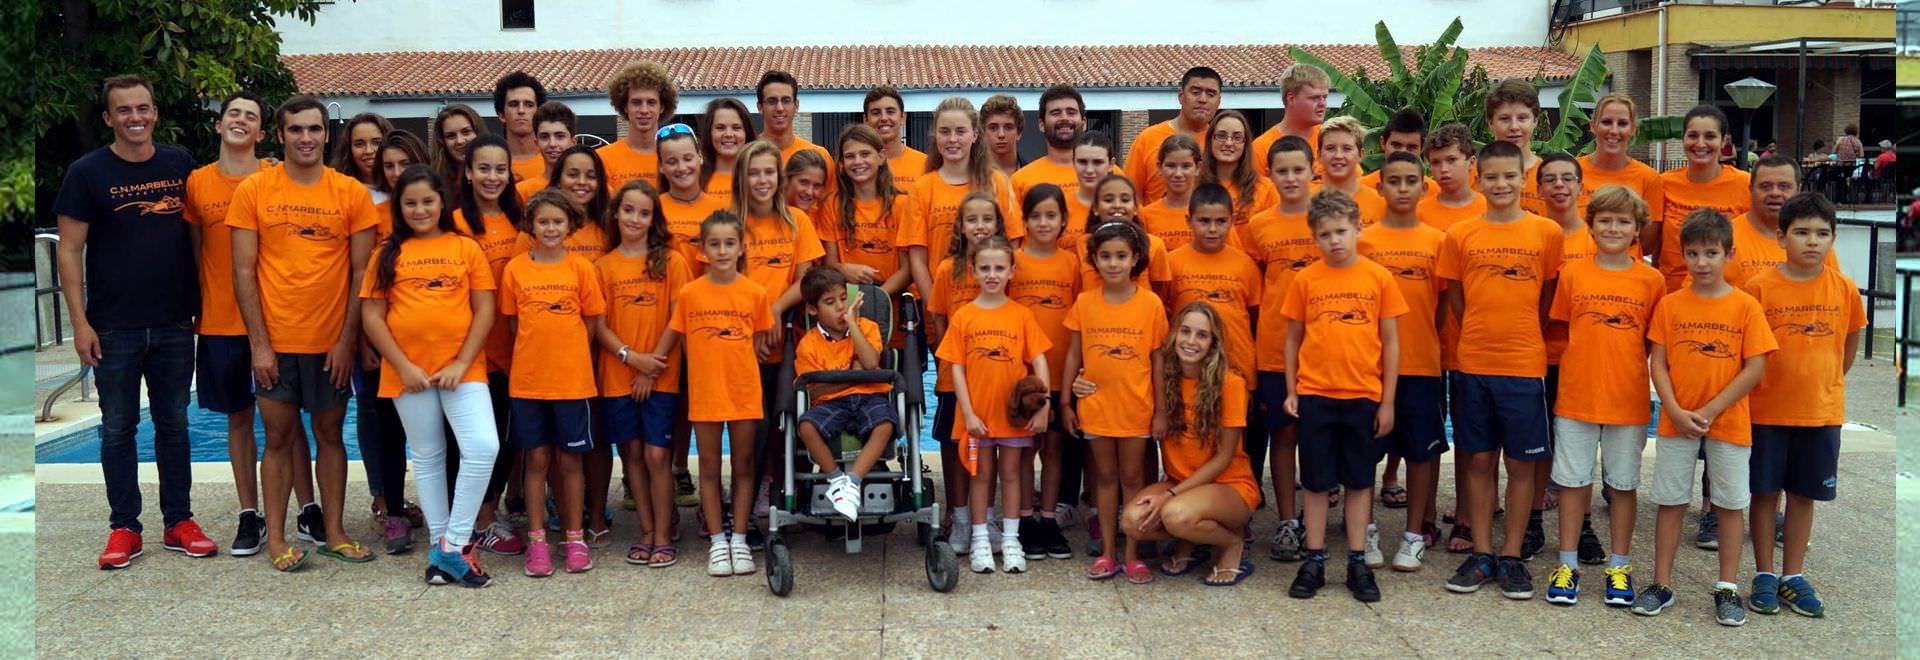 Familia de CNMarbella